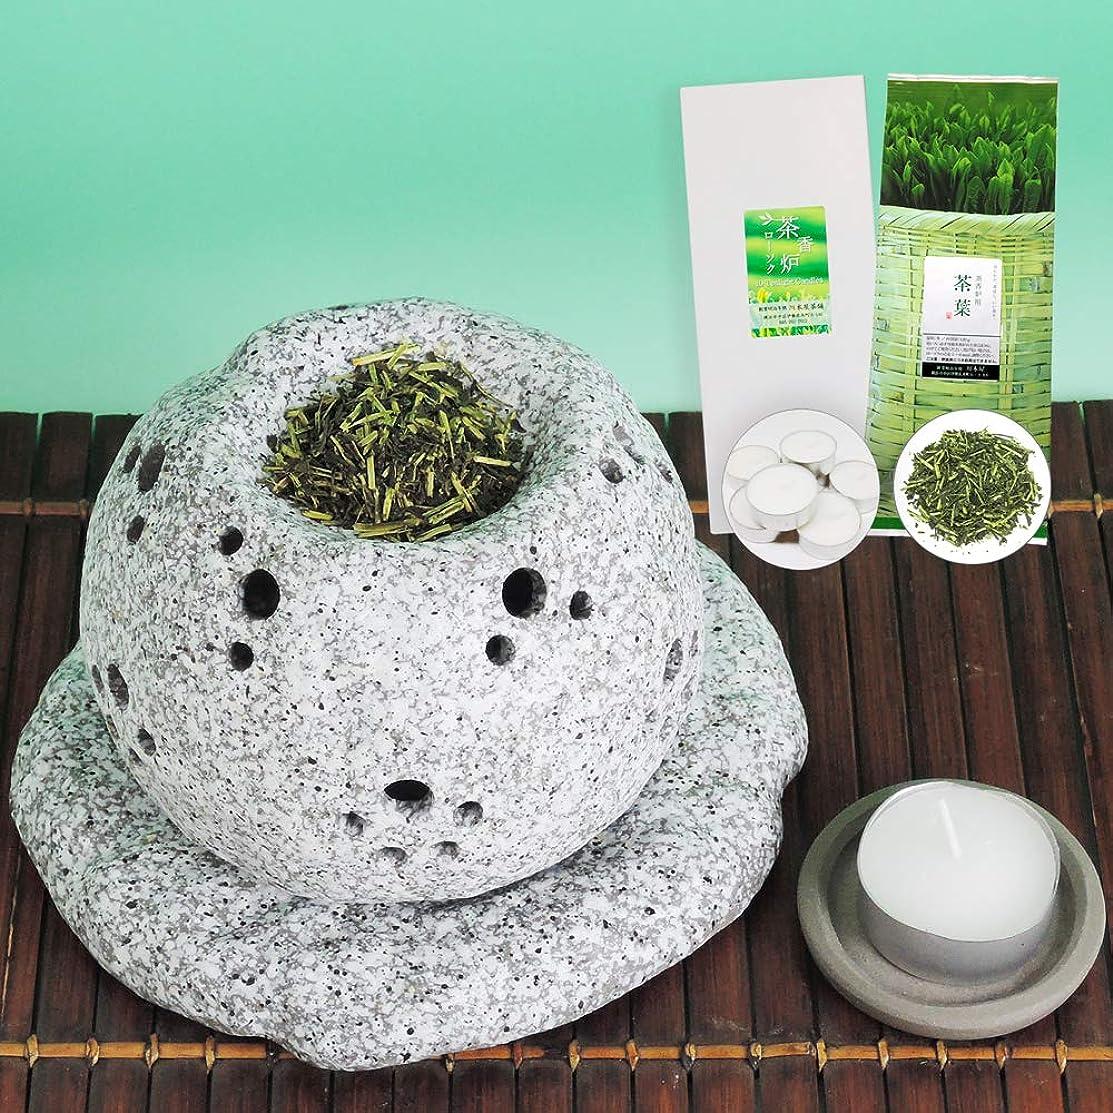 バナナパフシネウィ元祖 茶香炉セット 茶香炉専用茶葉&ローソク付 川本屋茶舗